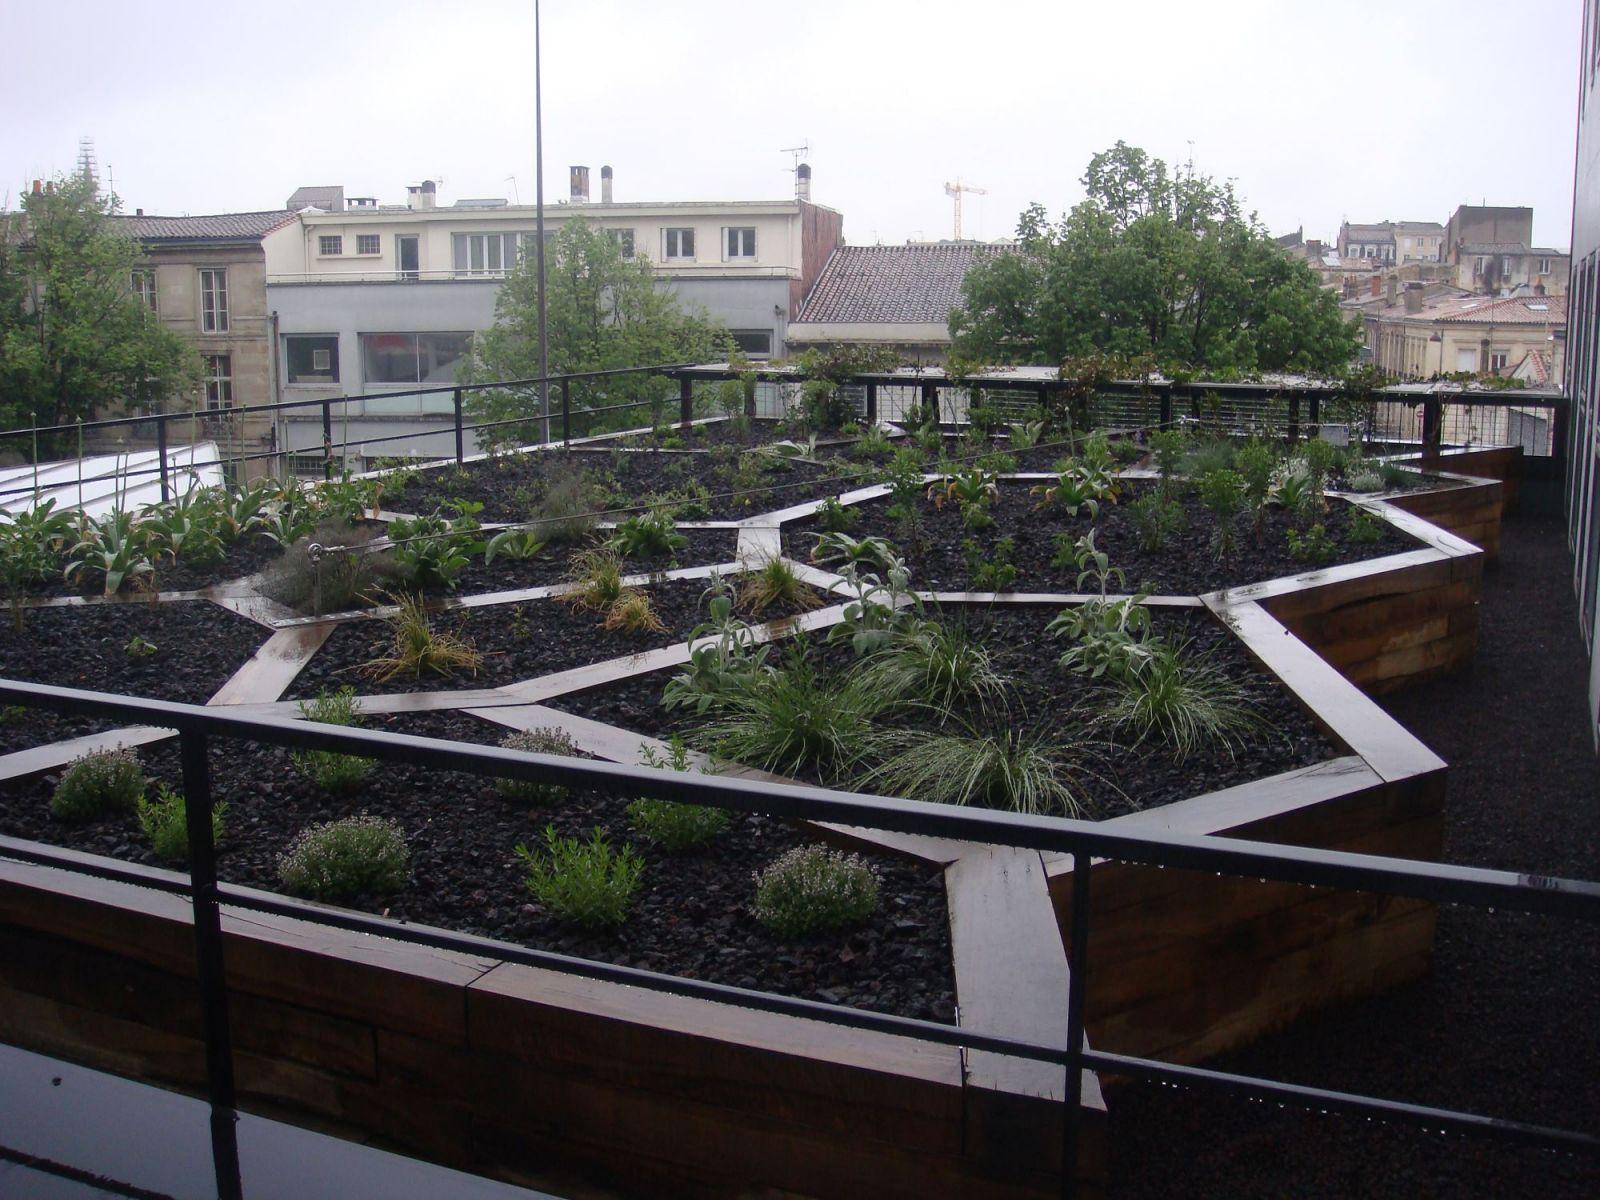 cr ation de jardins sur terrasse par un paysagiste bordeaux am nagement et entretiens de. Black Bedroom Furniture Sets. Home Design Ideas